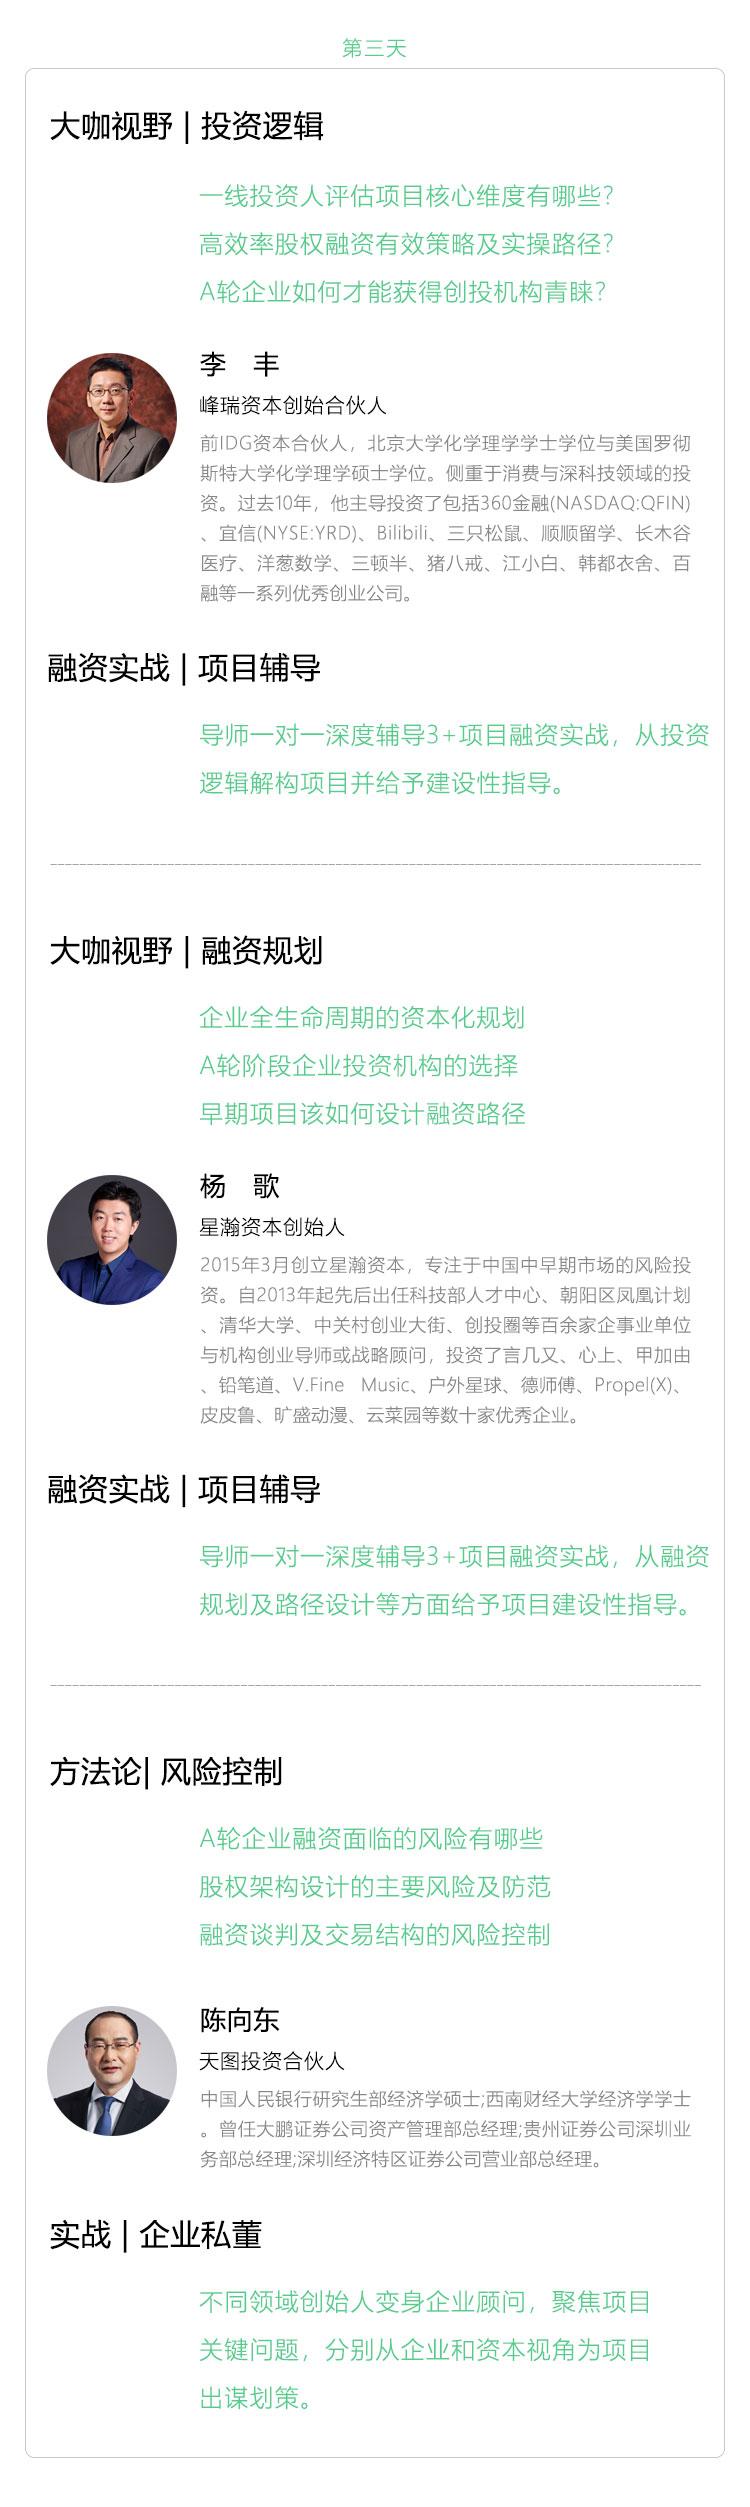 北京营3期内容-课表_07.jpg